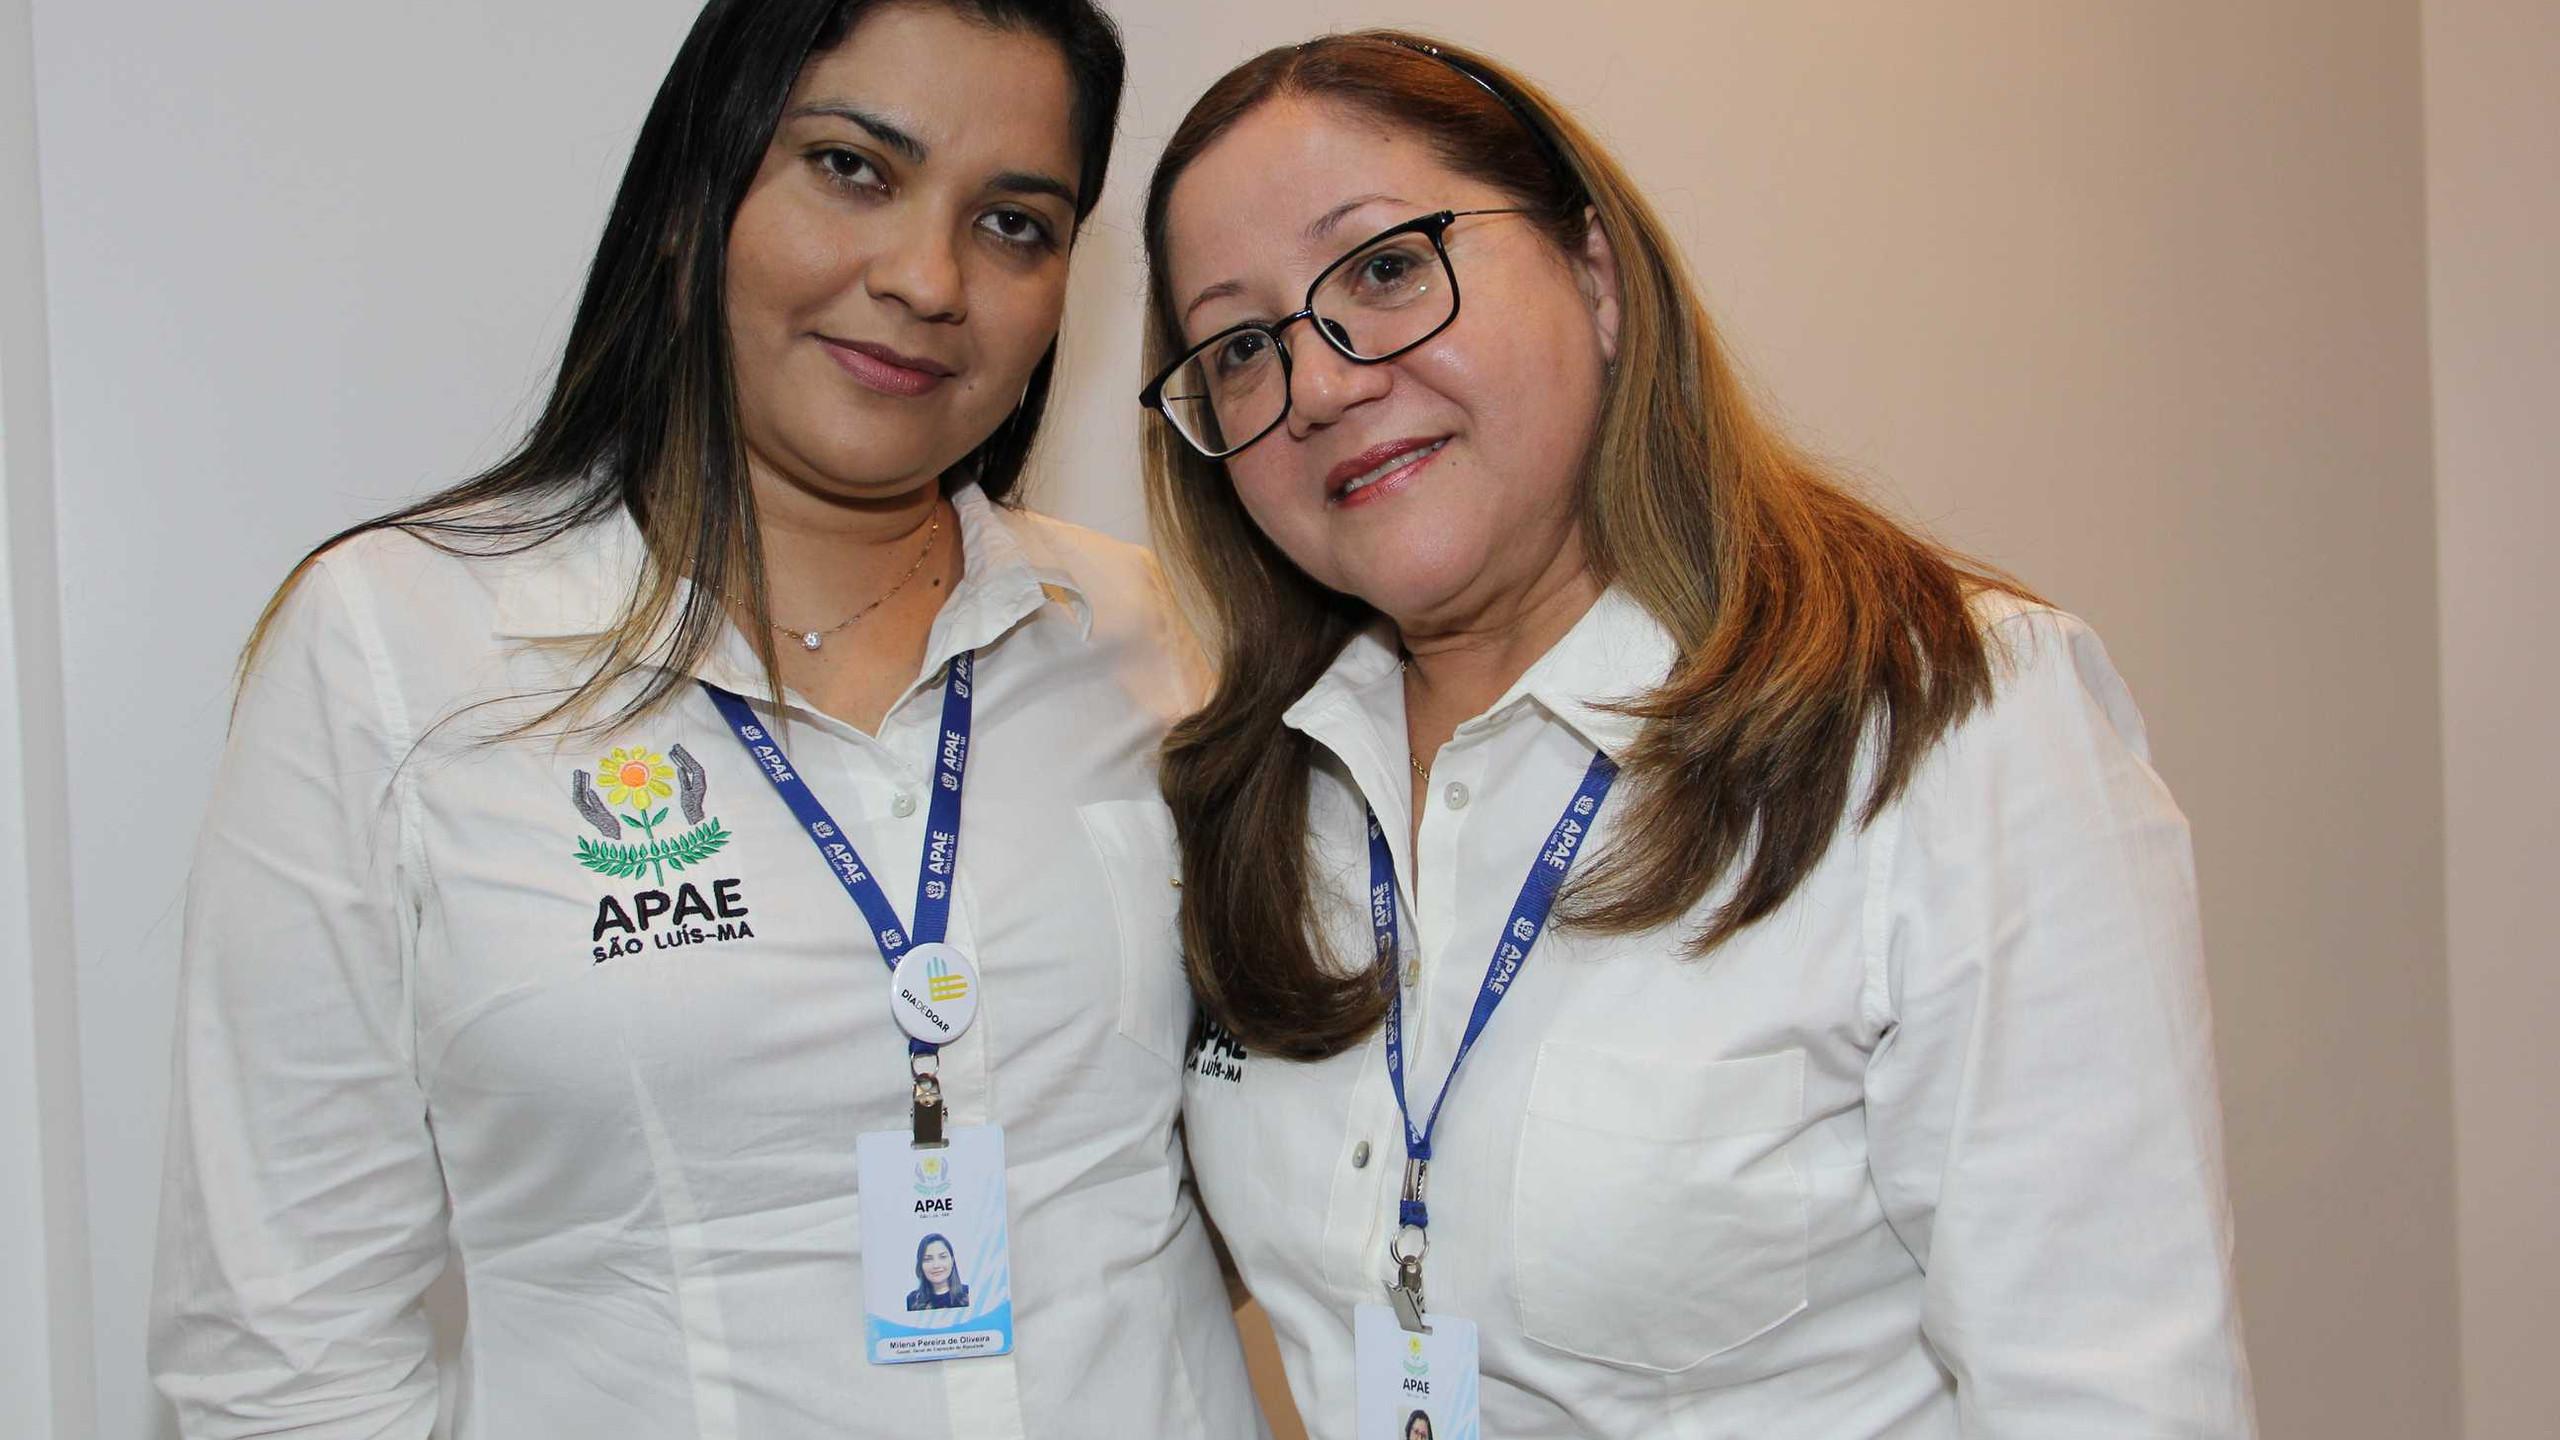 Milena Oliveira e Christiane Diniz da Apae São Luís.